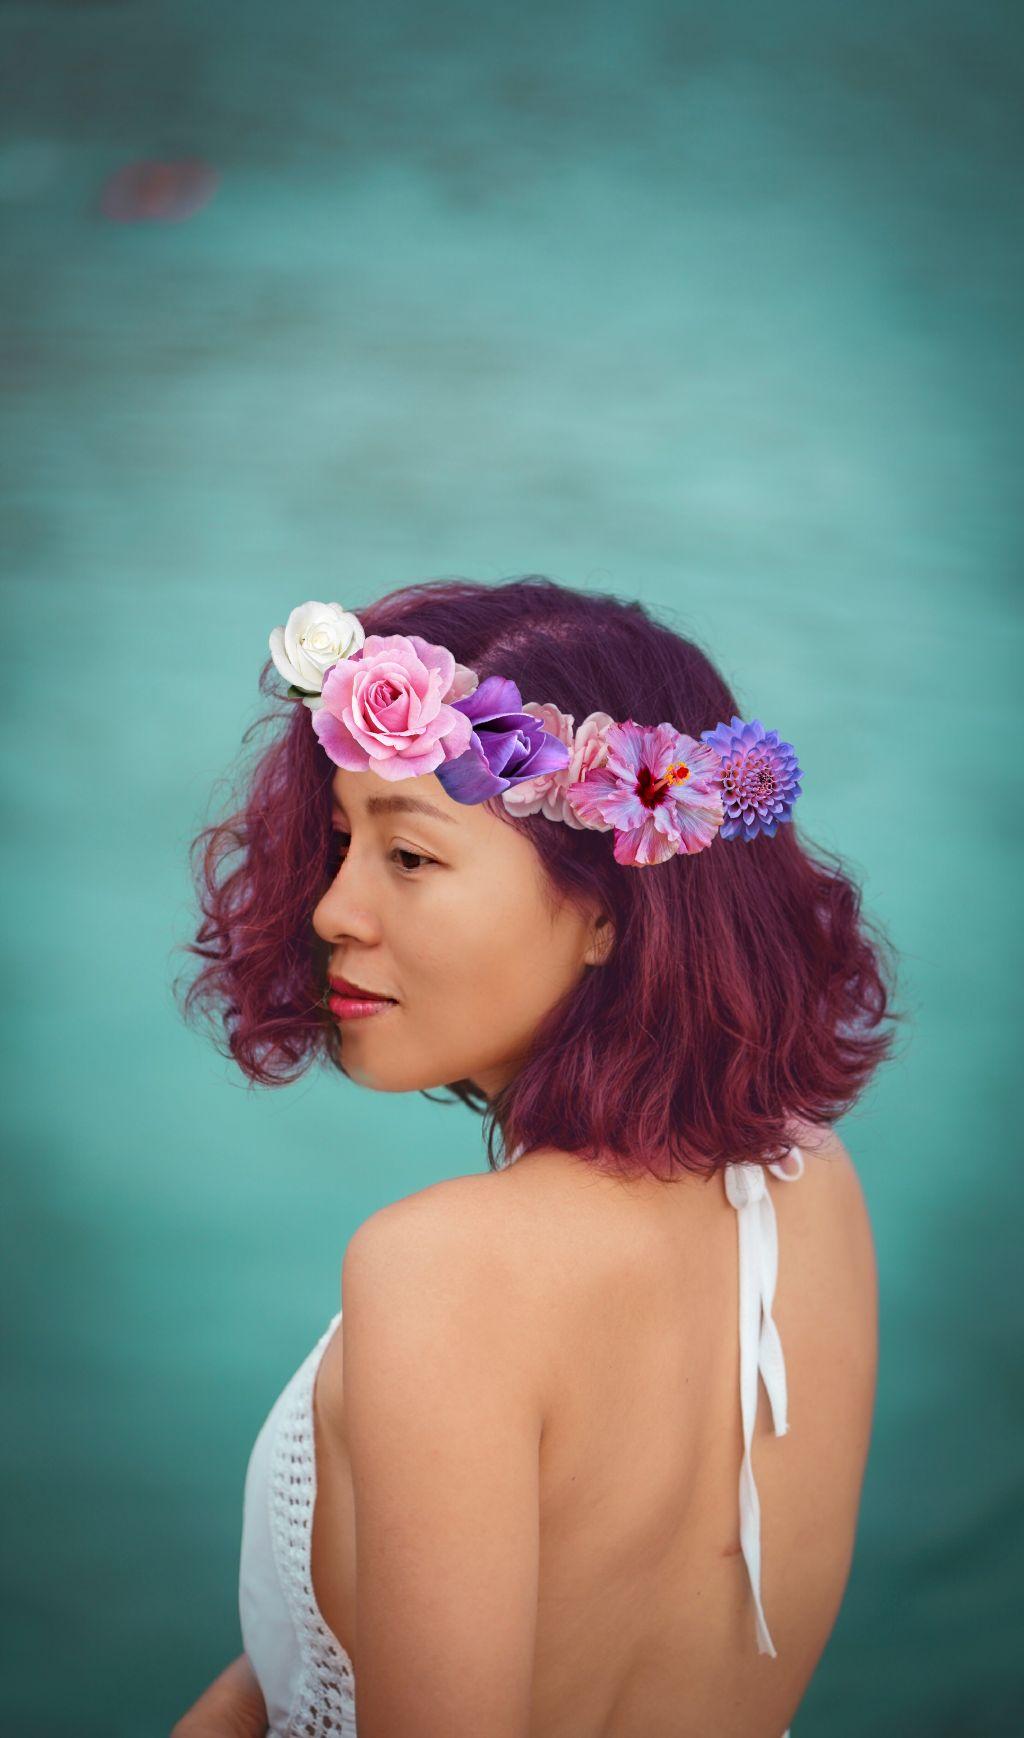 #freetoedit #flower crown #summertime